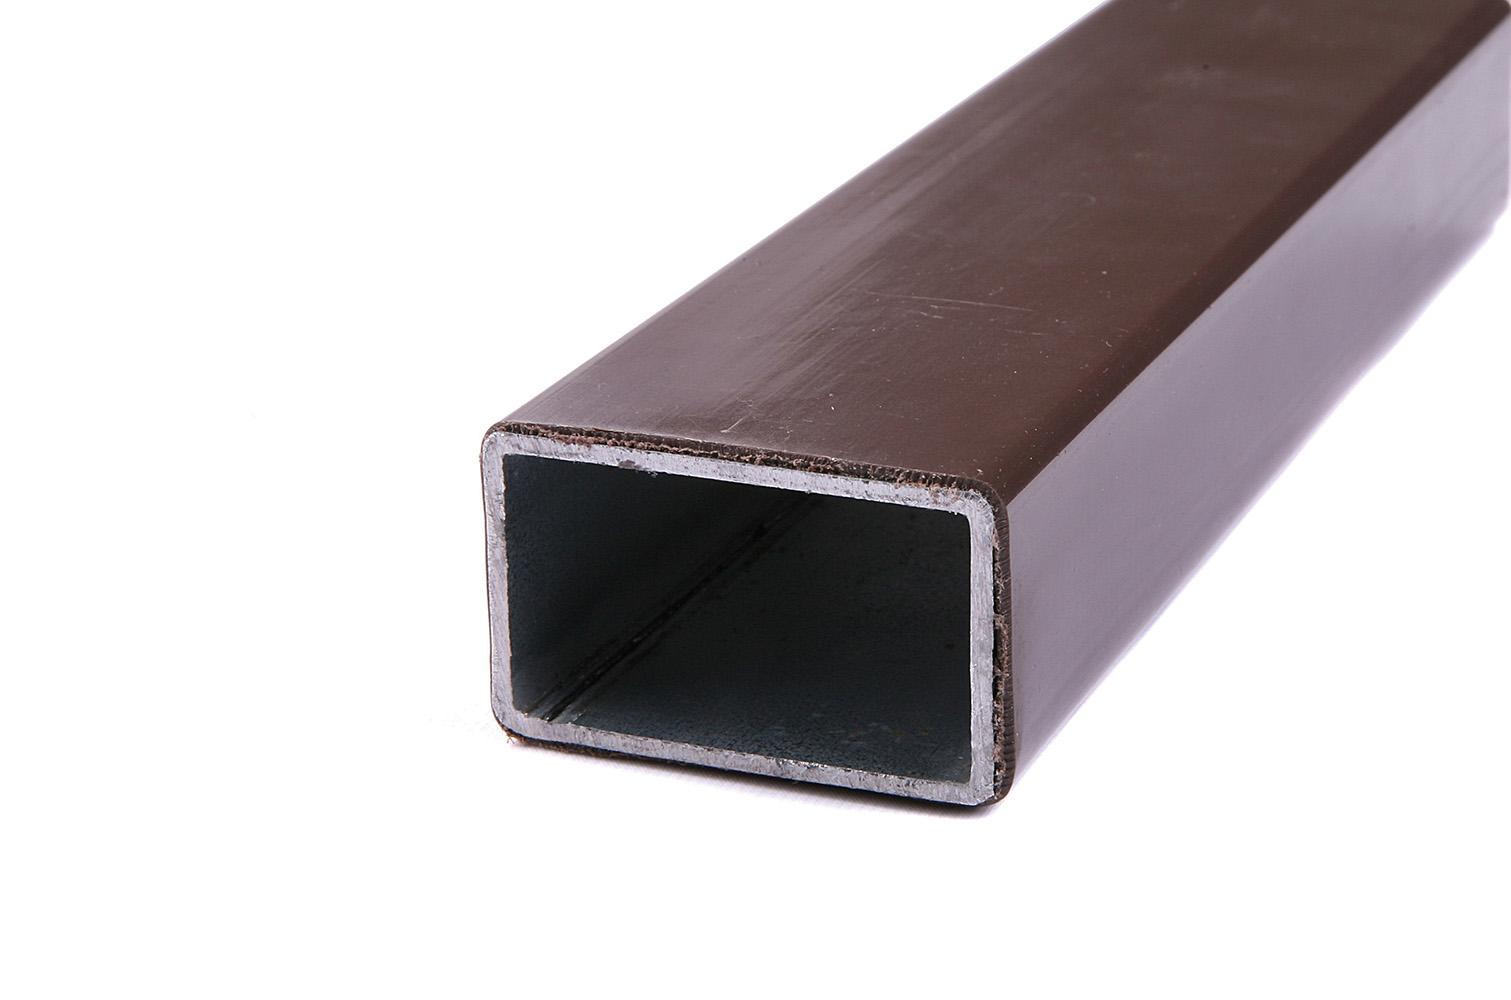 Nosník pro montáž plotovek FeZn (poplastovaný) 30x50 mm (2 m) tmavě hnědý